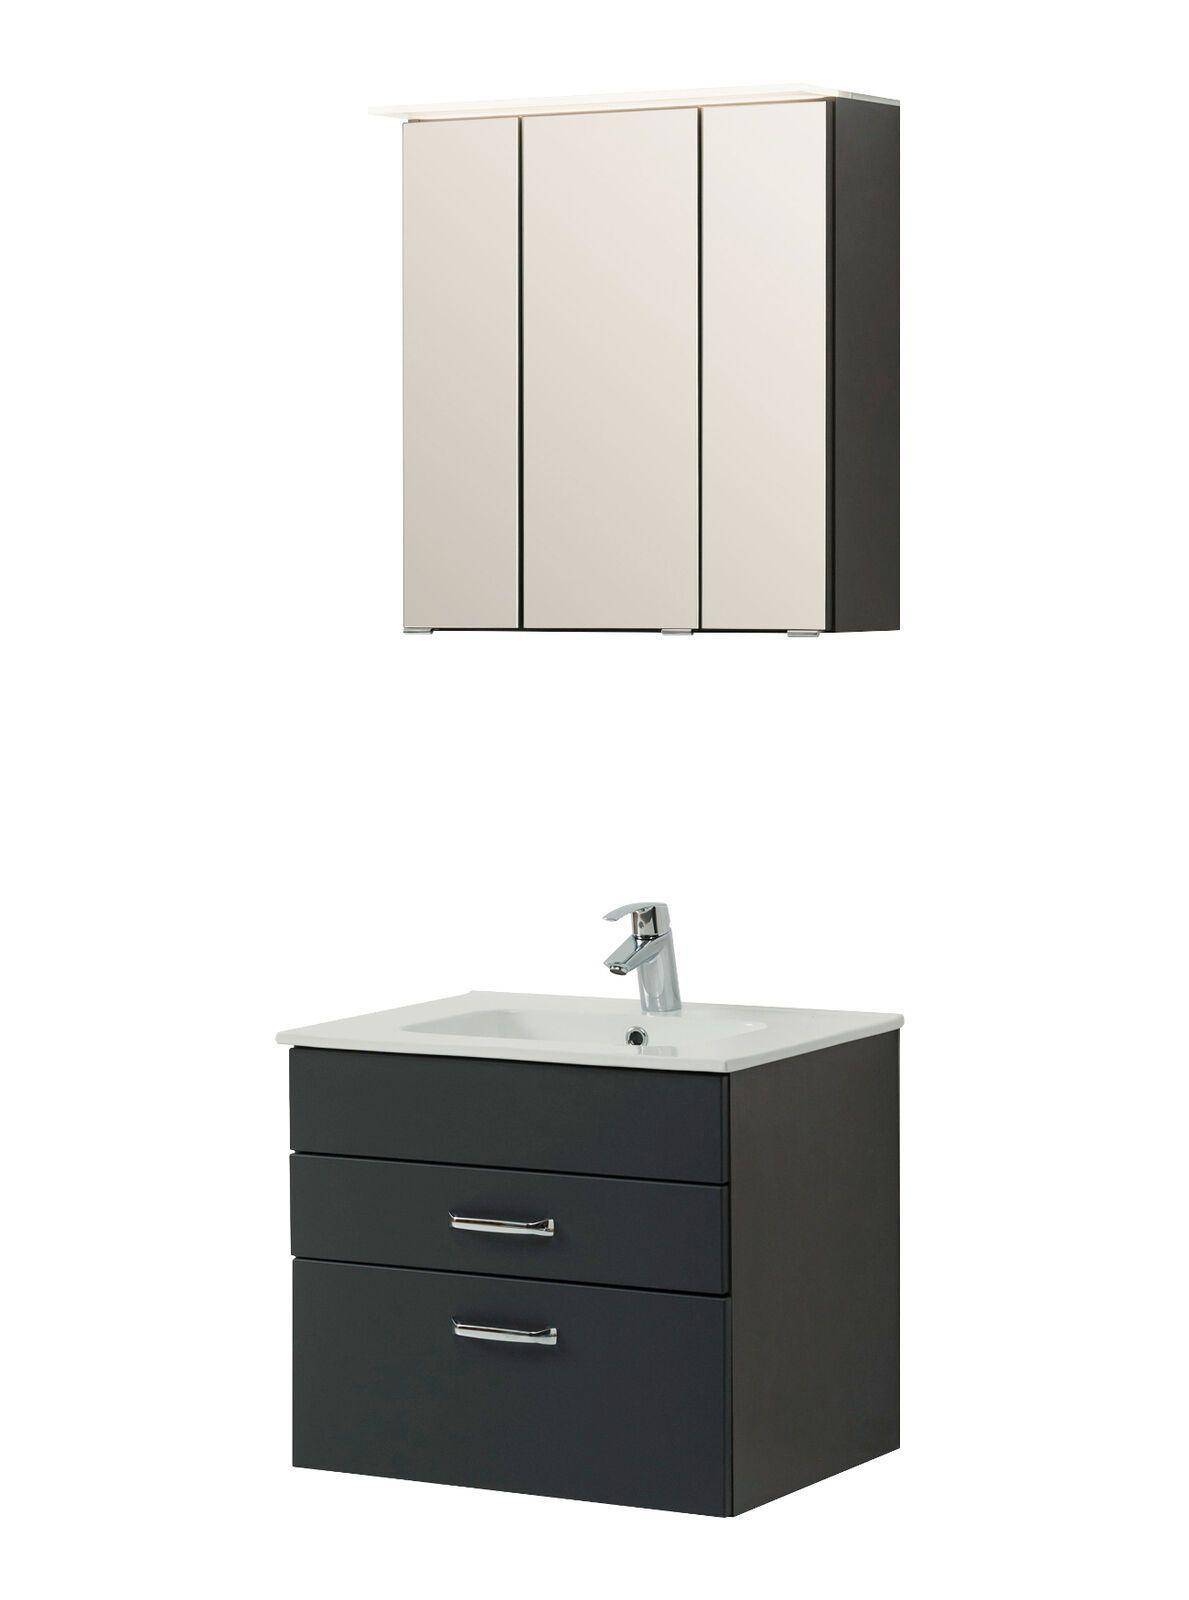 Badezimmer Waschtisch Set Fontana Waschplatz Led Spiegelschrank 60 Cm Anthrazit Badezimmermobel Ideen Von Badezimmerm In 2020 Bathroom Vanity Vanity Single Vanity